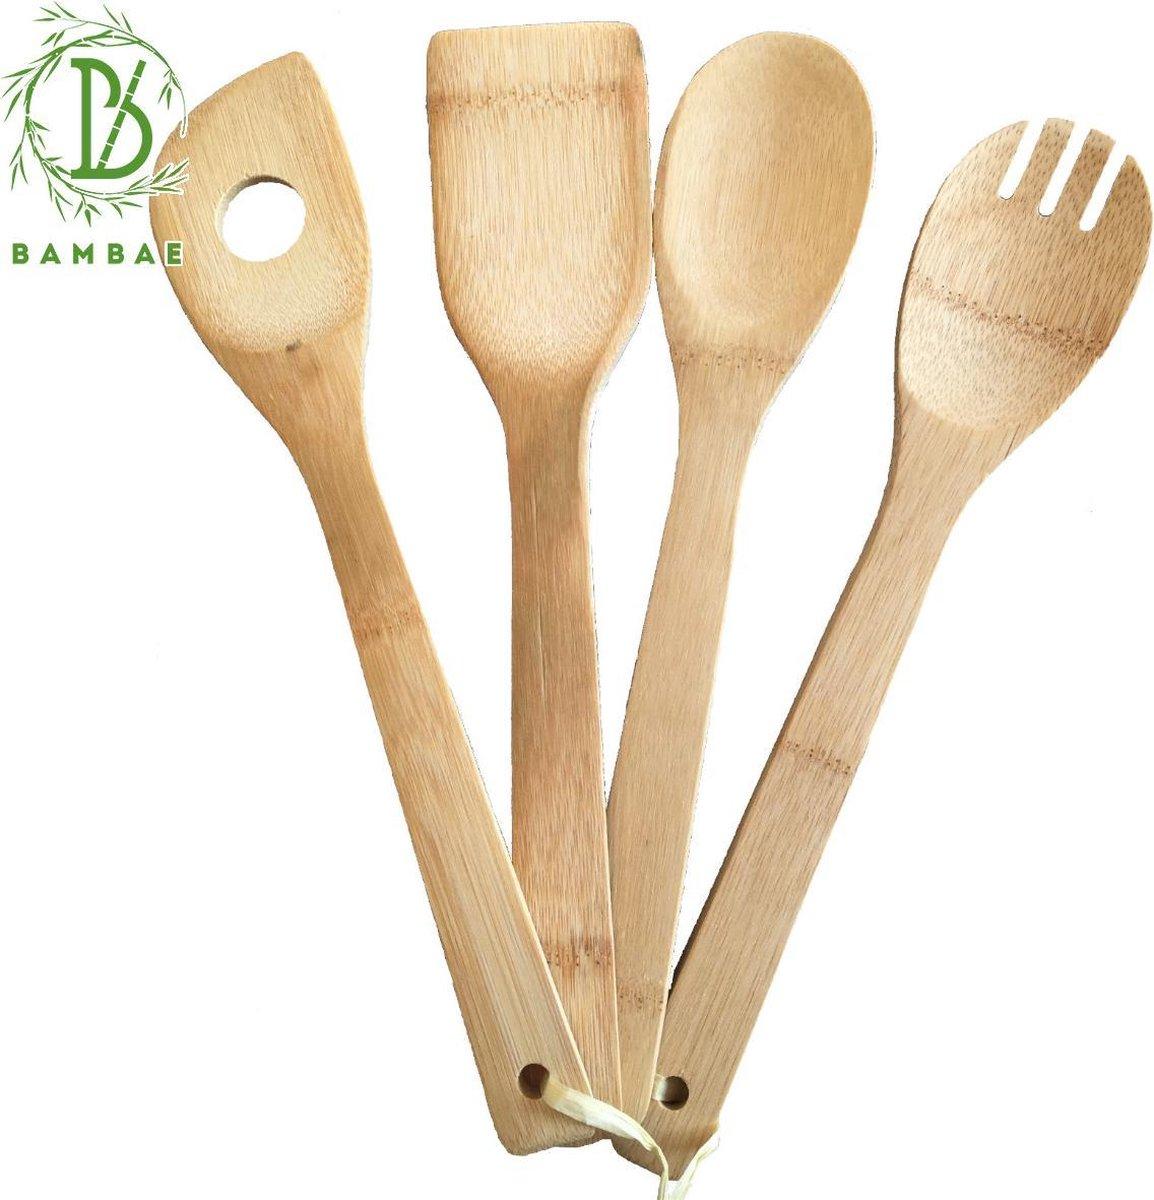 Bambae Keukengerei met Spatels en Pollepels van Bamboe - Opscheplepels Set - Barbecue Kookgerei - Duurzaam - Bestek - Eco - 4x